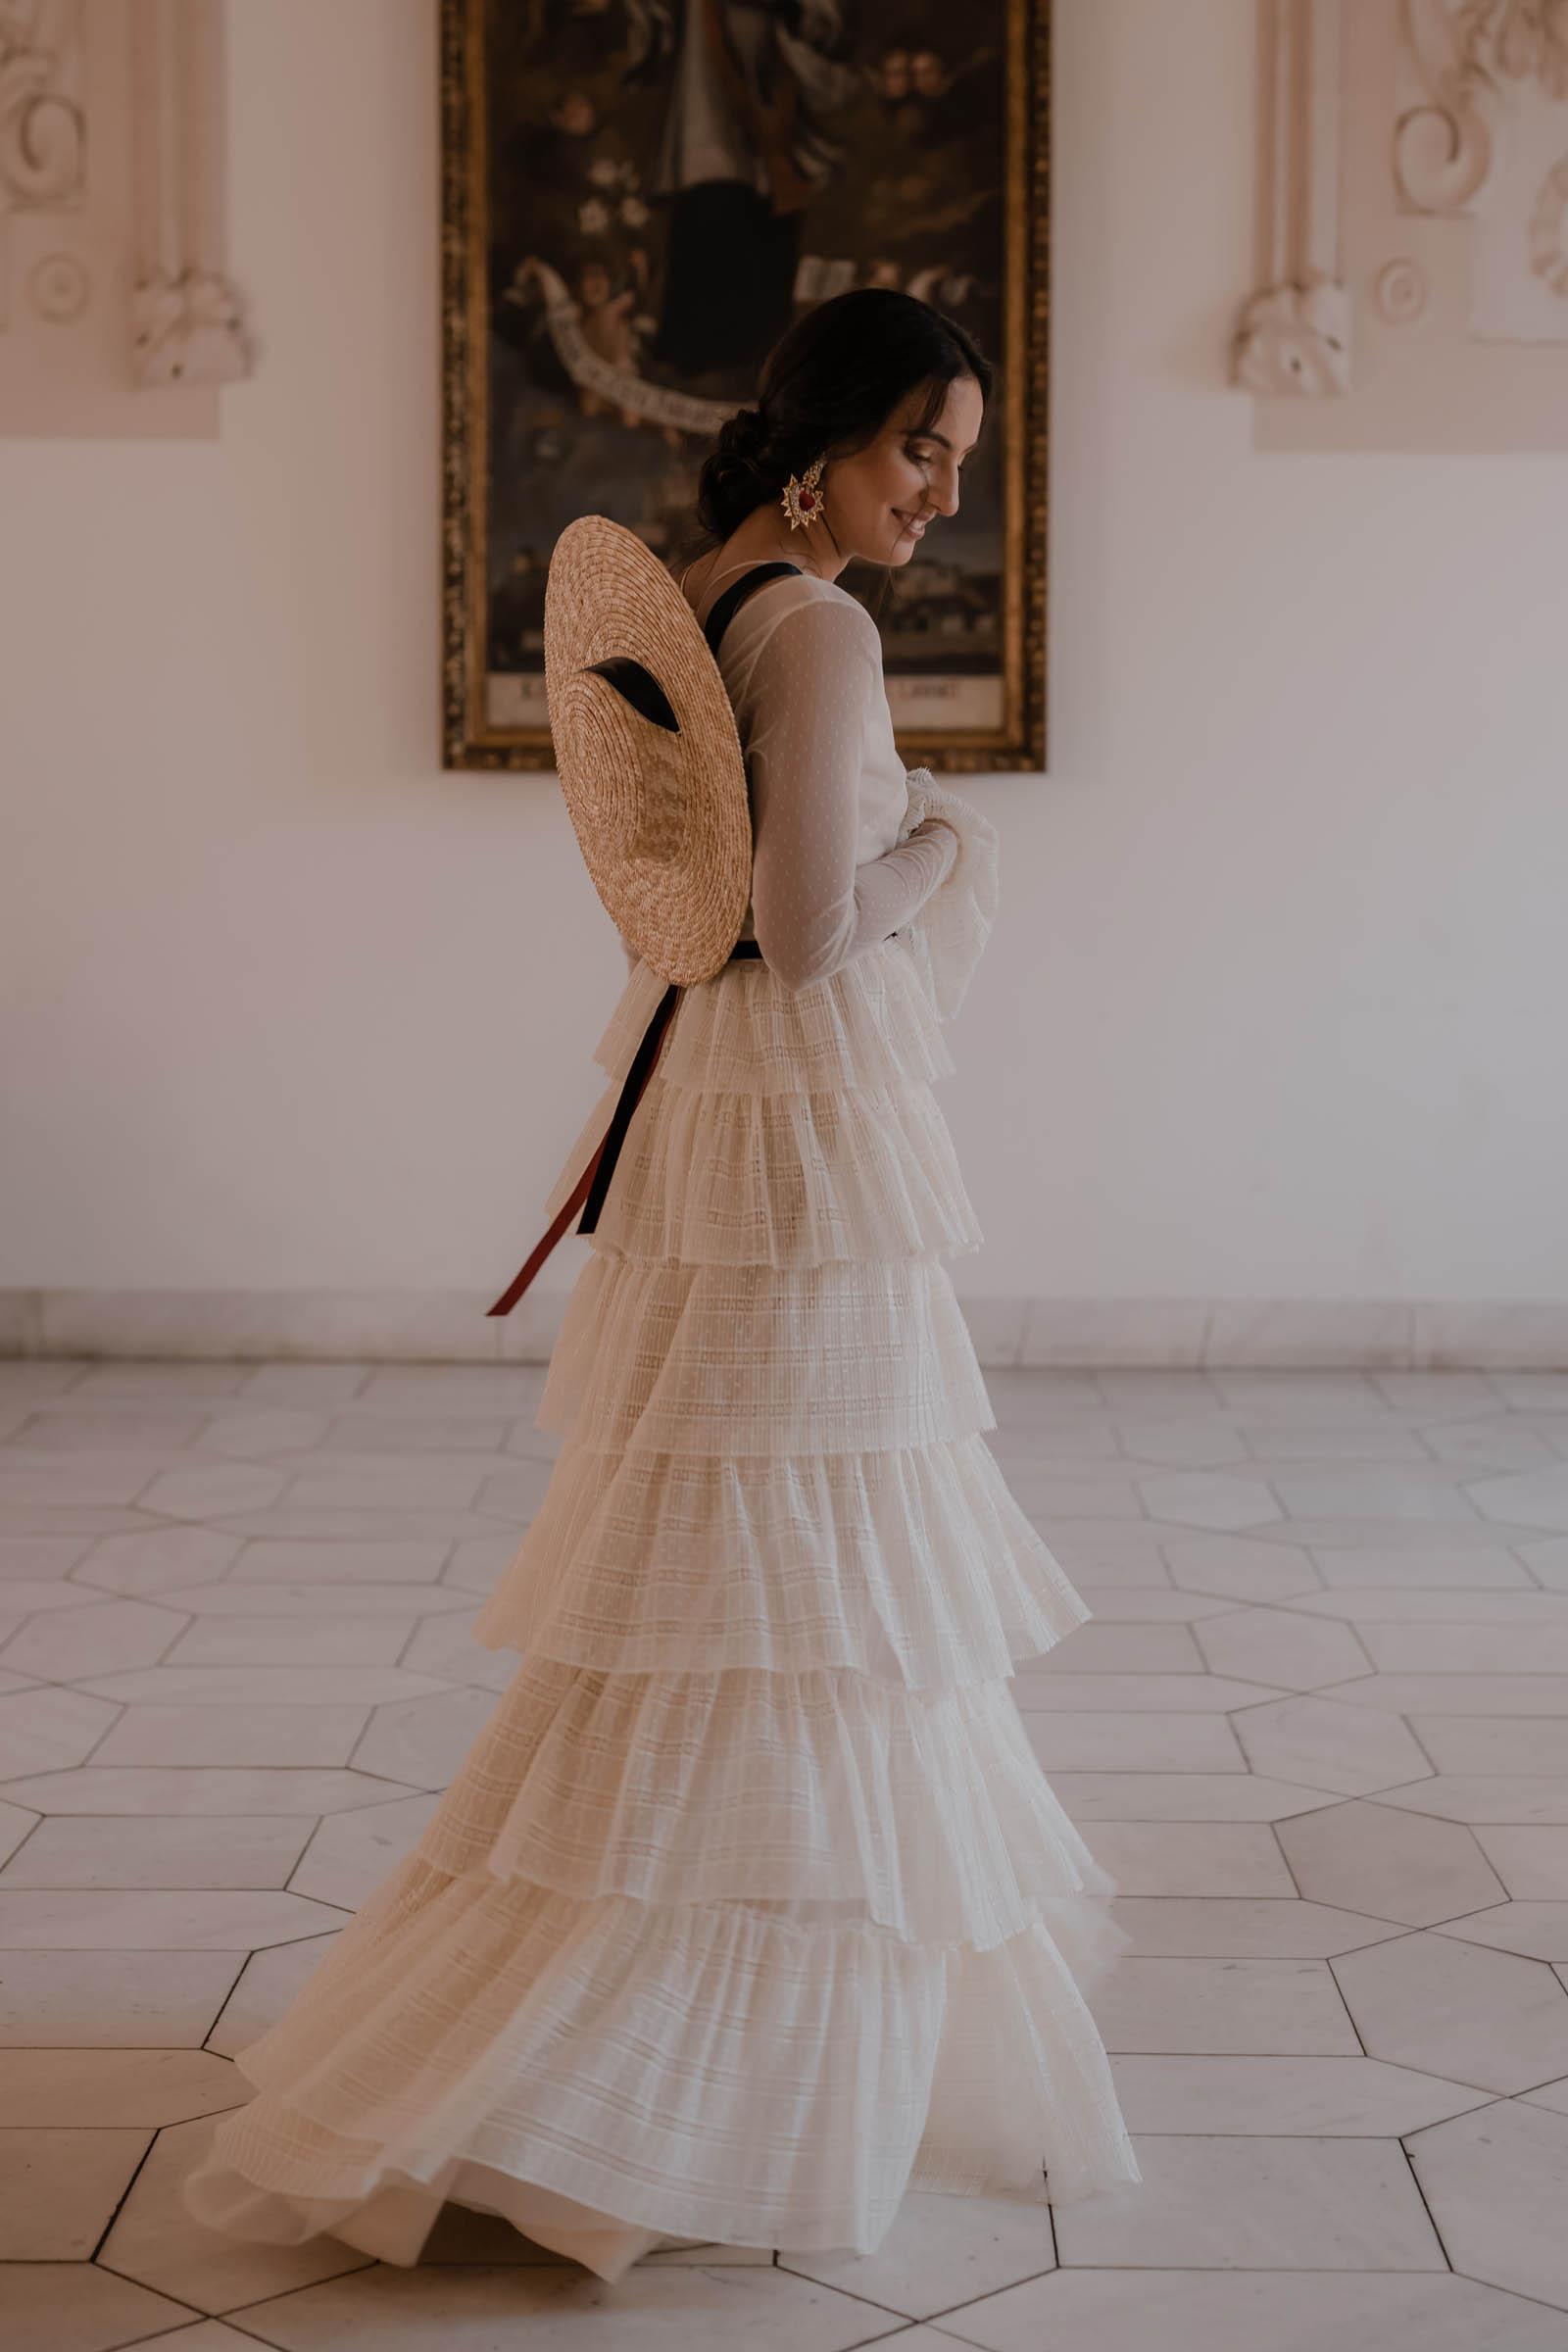 boho-svadobne-saty-veronika-kostkova-wedding-atelier-2019-noa-3